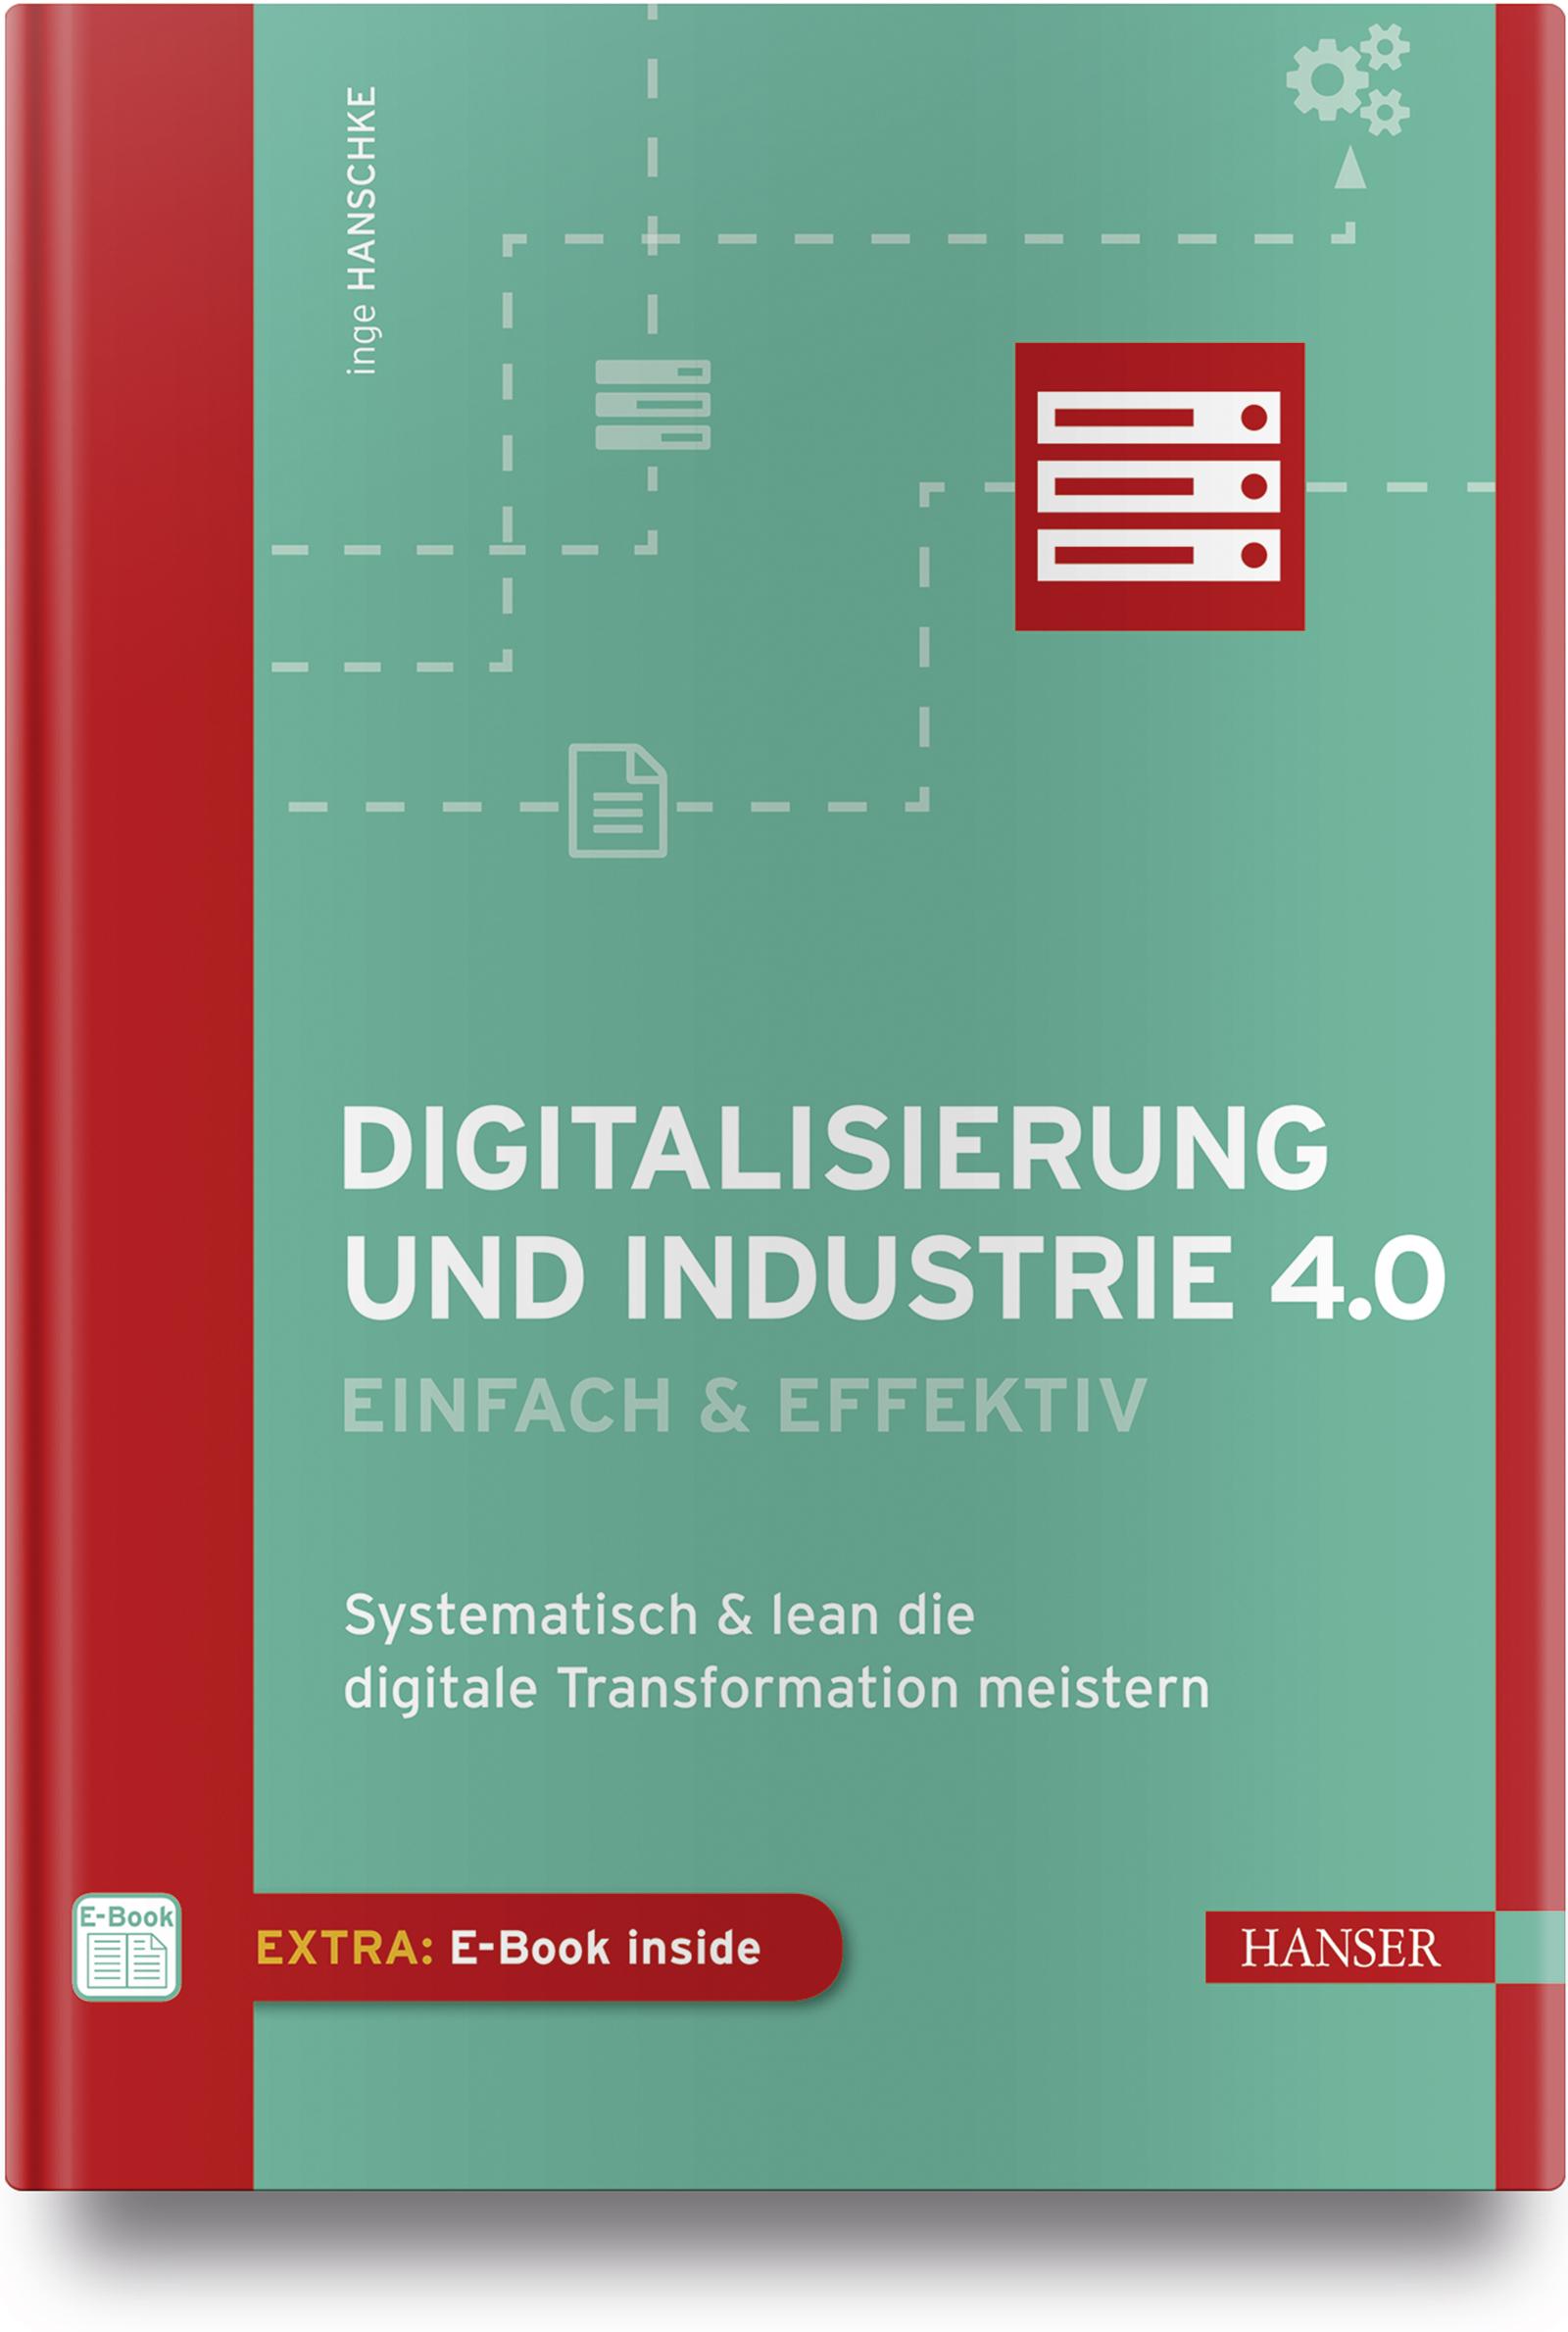 Hanschke, Digitalisierung und Industrie 4.0 - einfach & effektiv, 978-3-446-45293-0